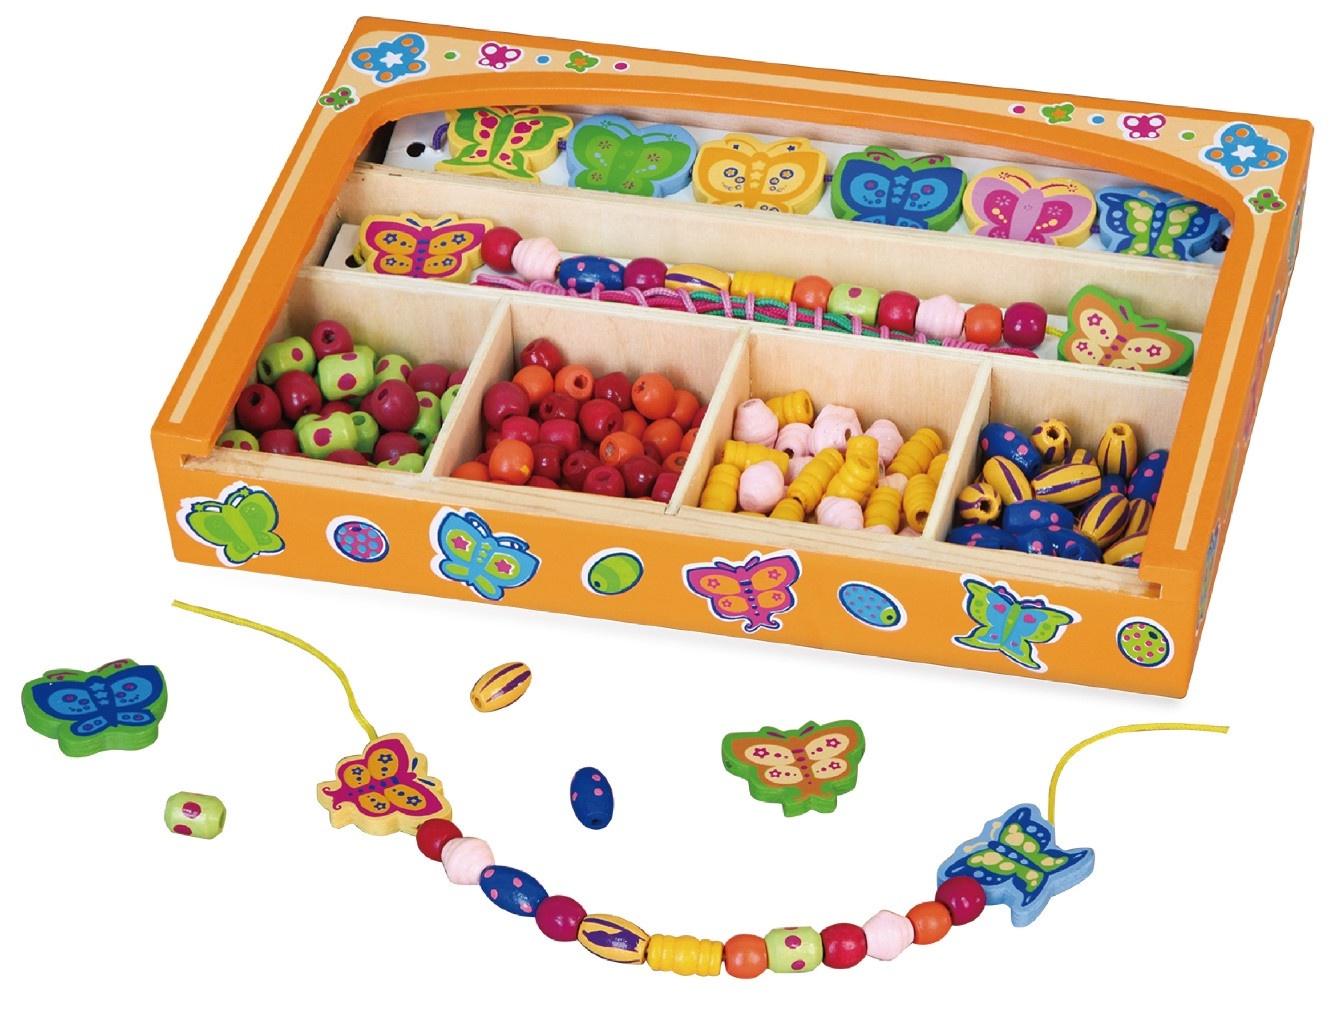 Набор для создания украшений Viga Бусы и браслеты Бабочки деревянные русский бант набор украшений детский бусы браслет